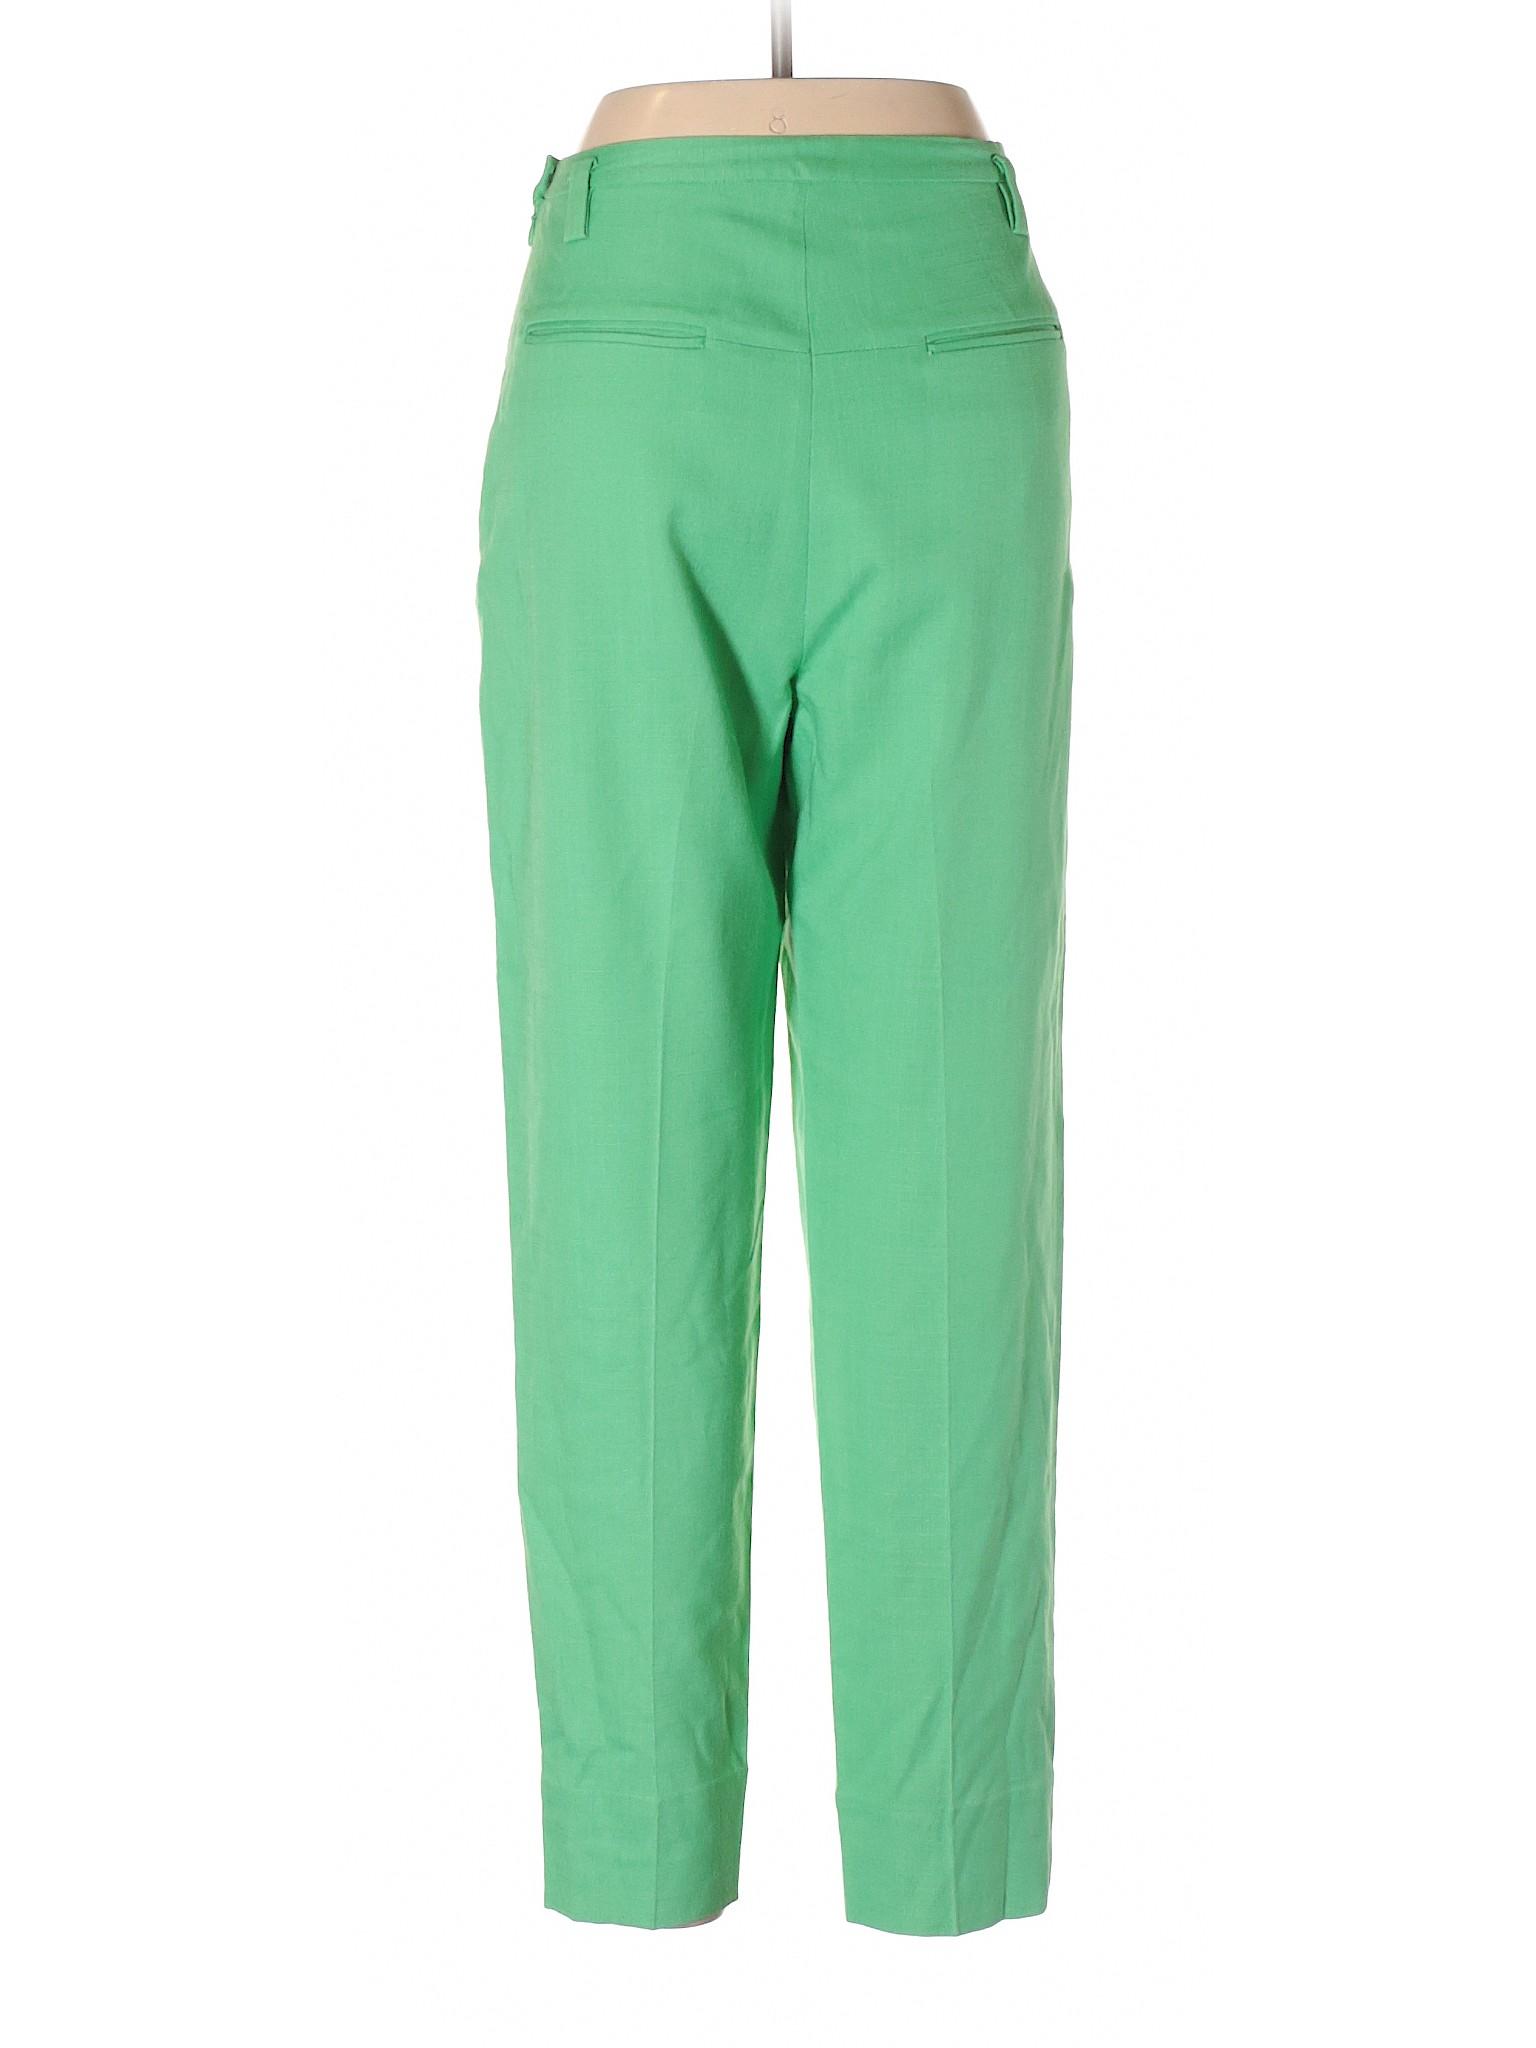 Pants Diane von Furstenberg Boutique Casual leisure 6xwXqU